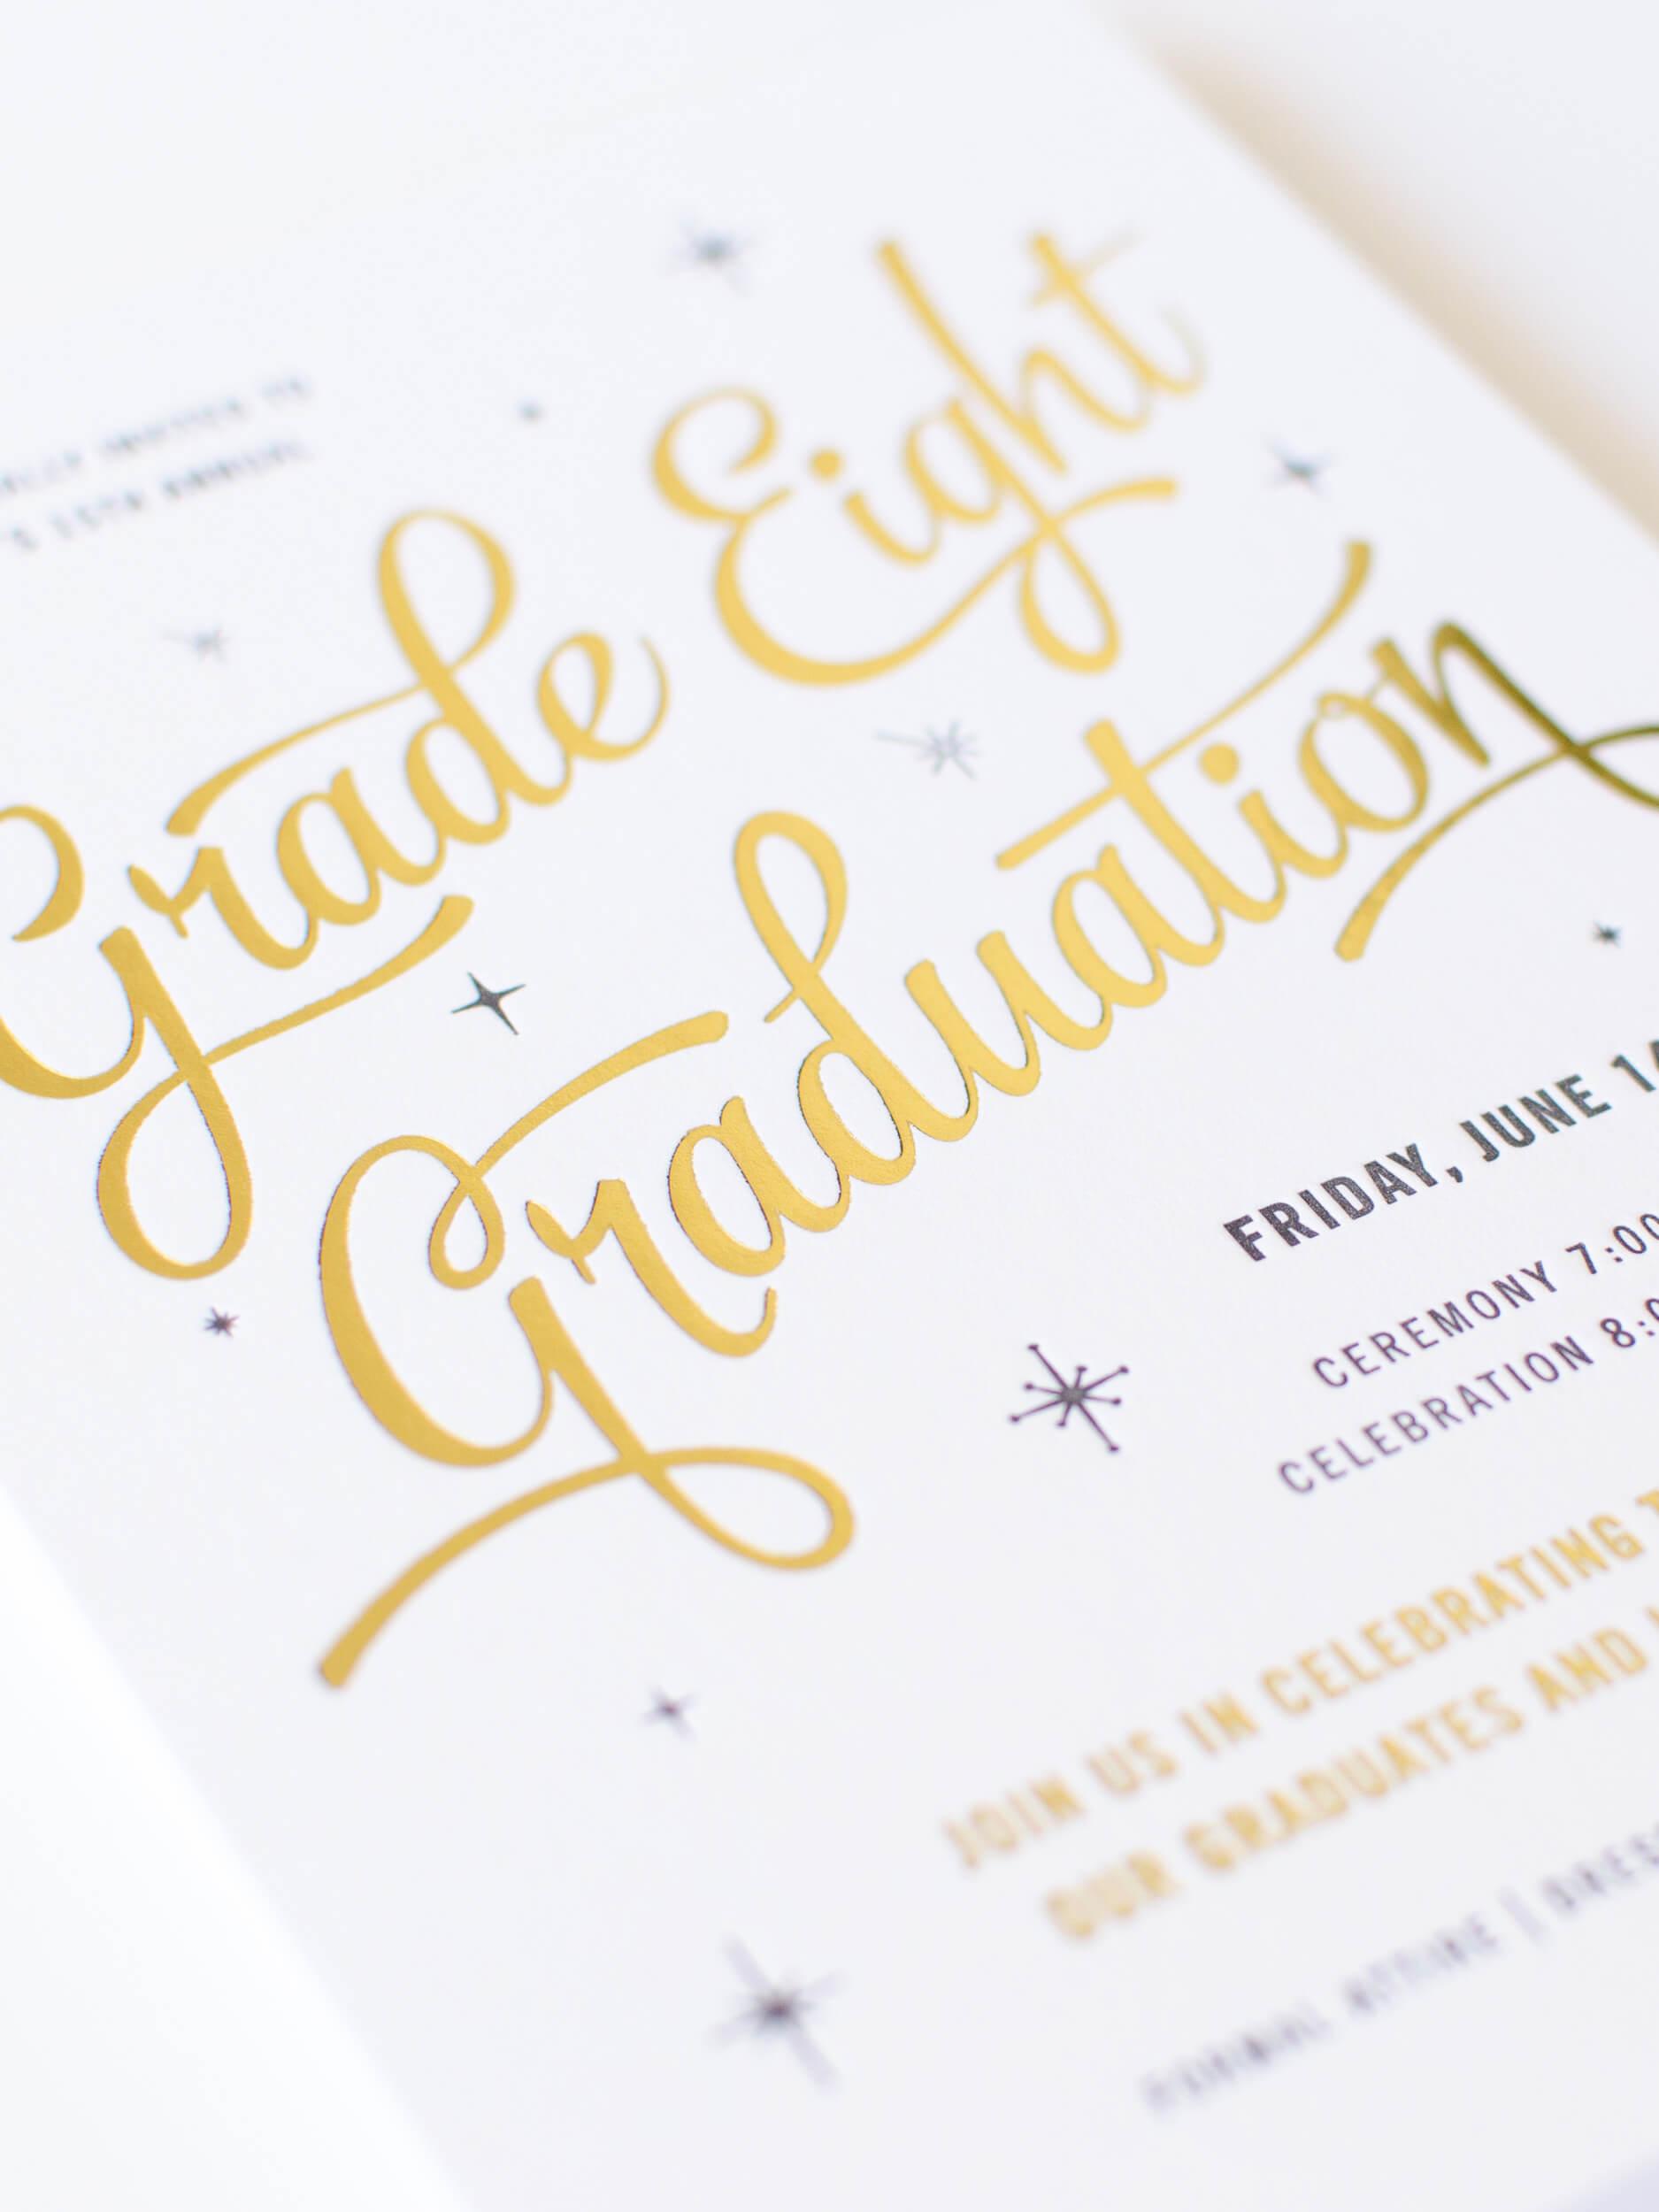 GradeInvite-2019-Letterpress_Foil-7.jpg